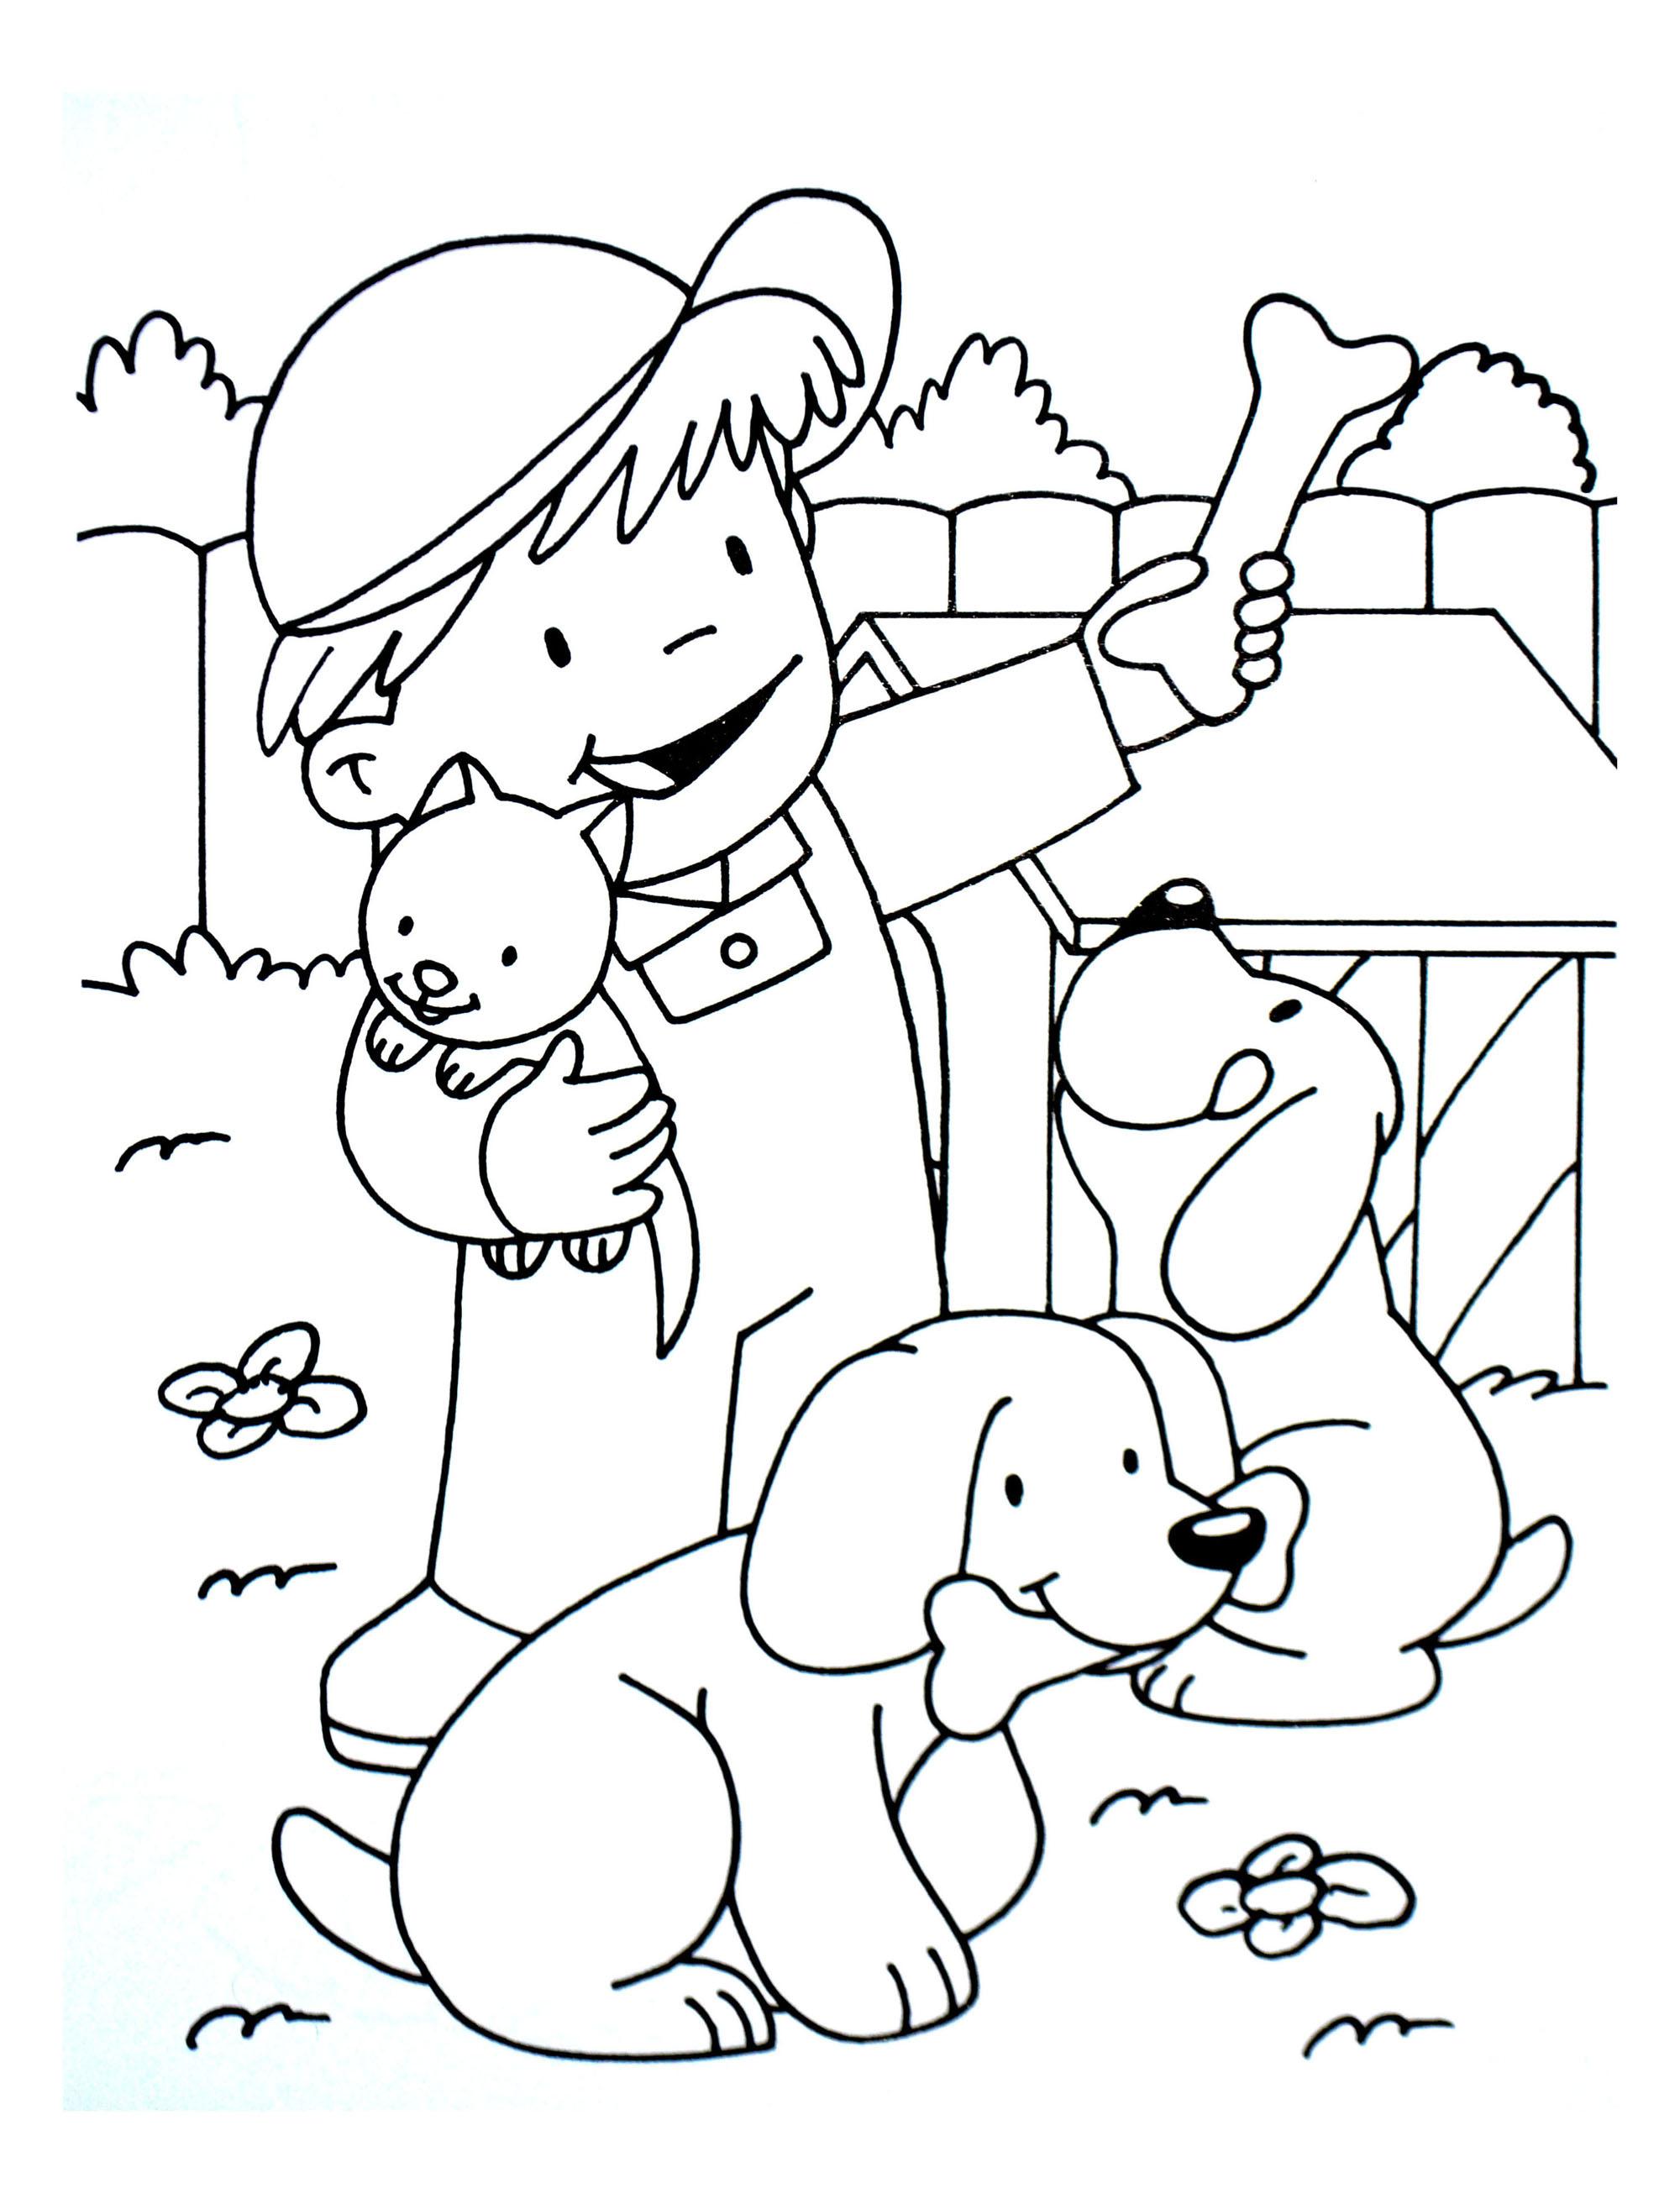 A imprimer chats 8 coloriage sur la ferme tracteurs fermier animaux coloriages pour - Coloriage de fermier ...